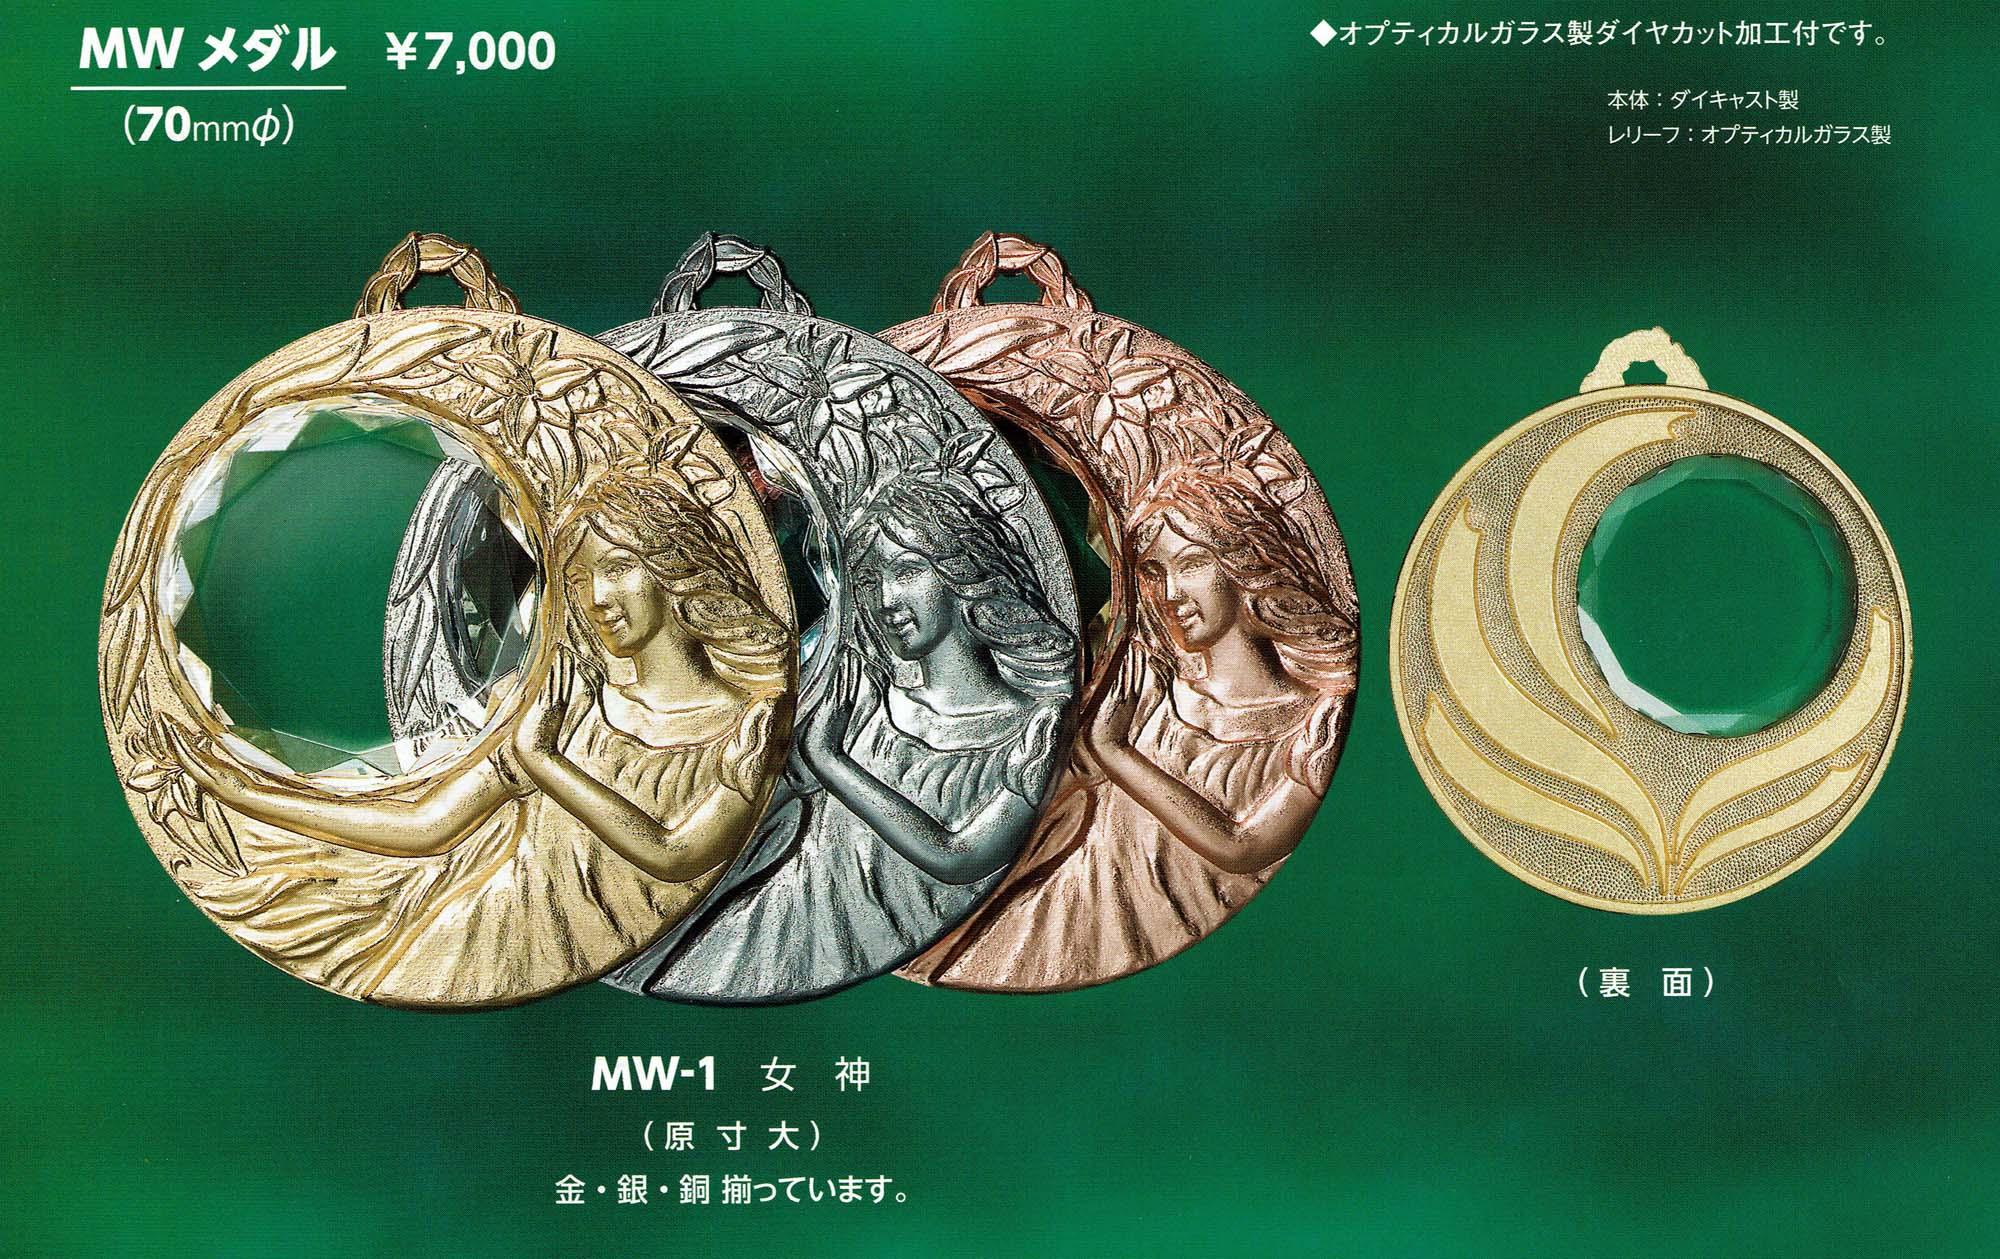 MW-1(女神)